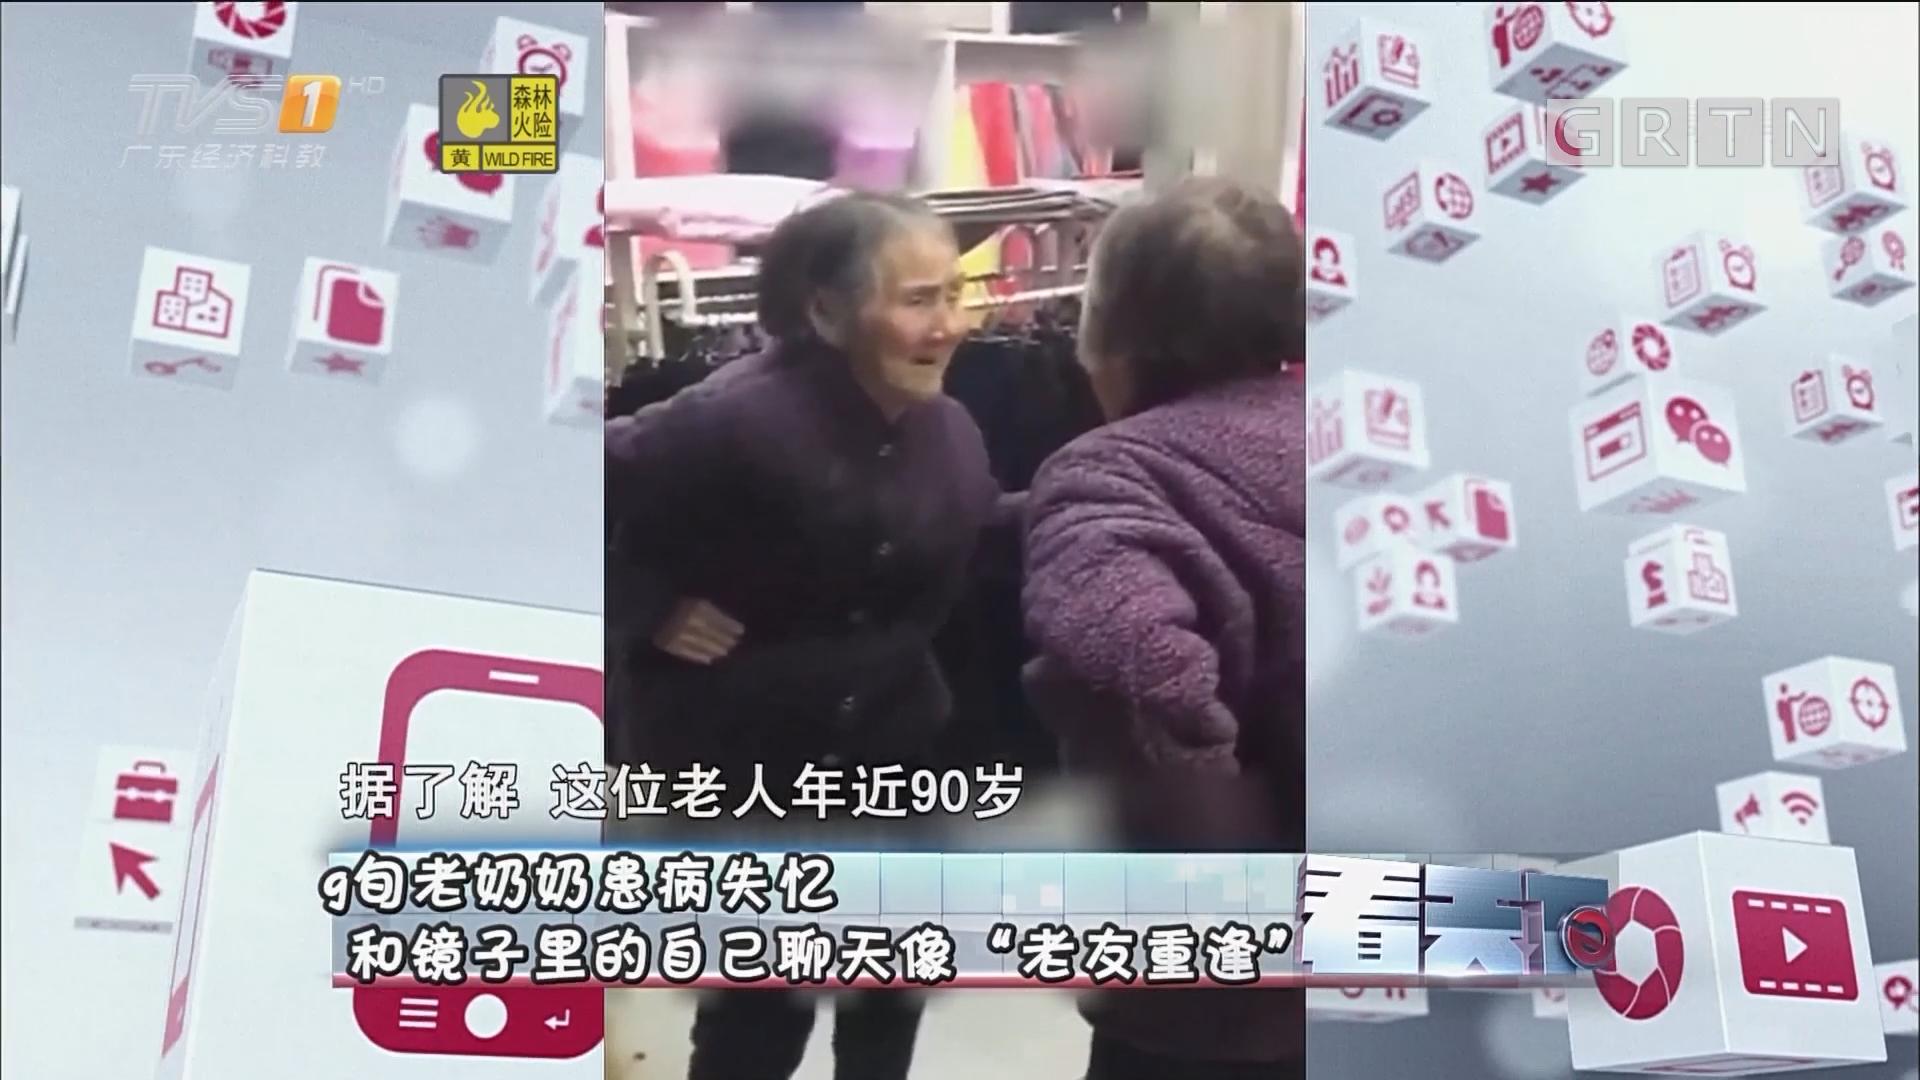 """[HD][2018-03-23]看天下:9旬老奶奶患病失忆和镜子里的自己聊天像""""老友重逢"""""""